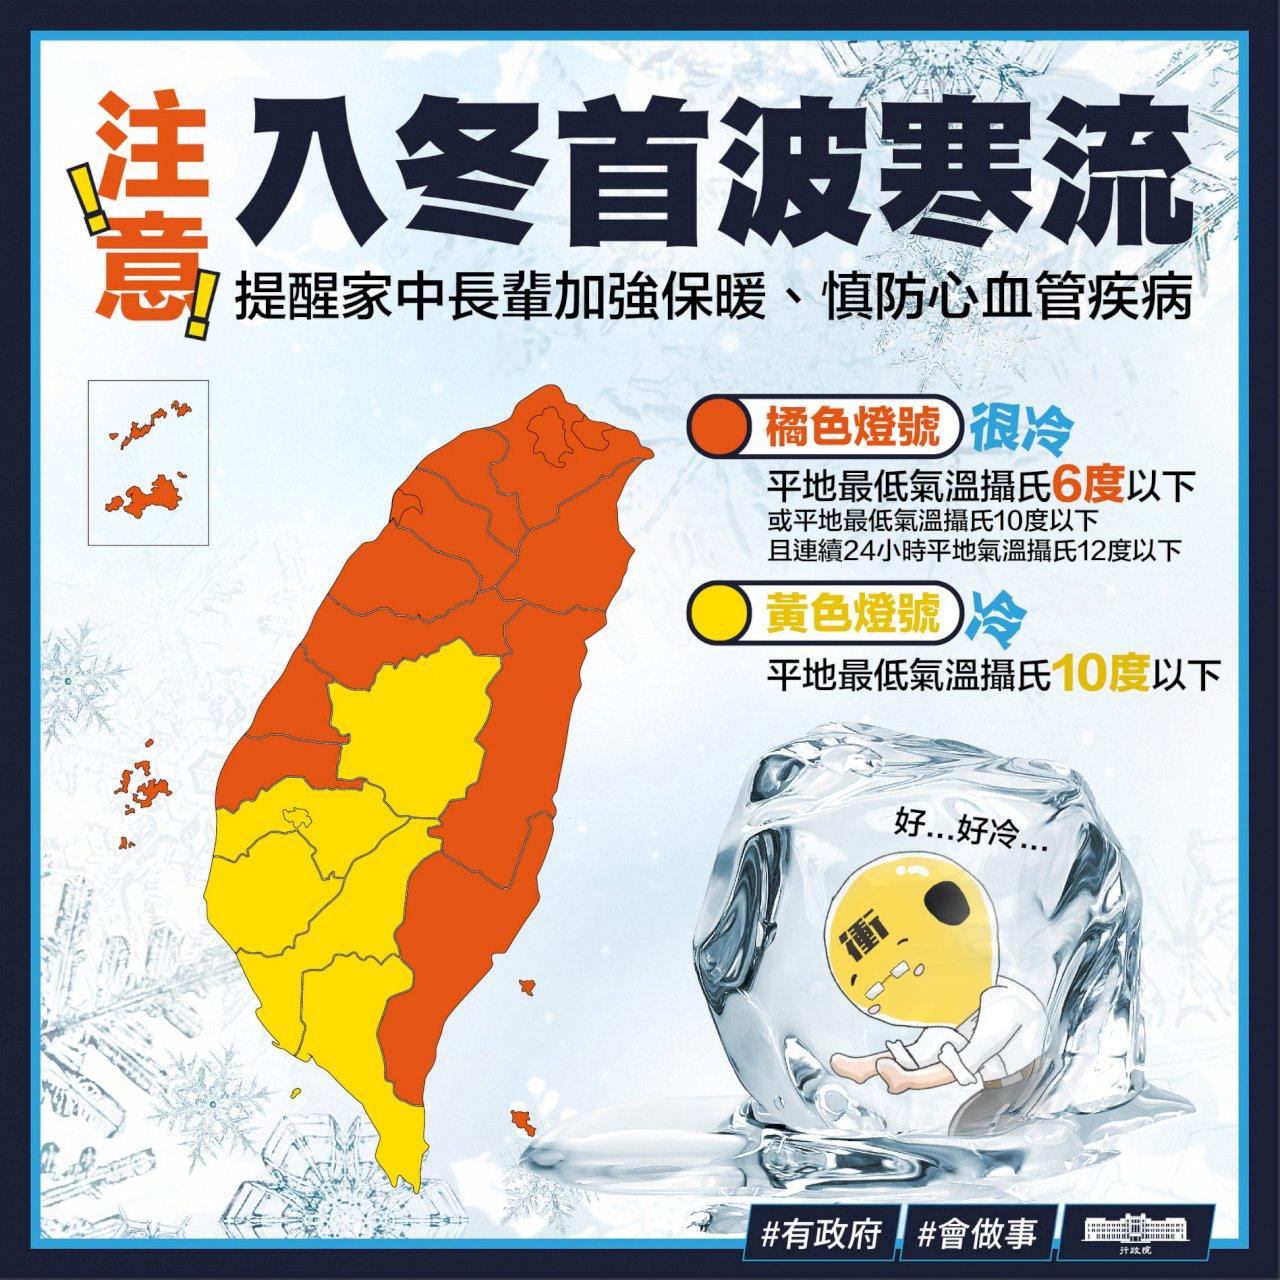 跨年元旦極低温 首爾取消新年敲鐘 日本紅白不開放 台灣總統府元旦升旗照常